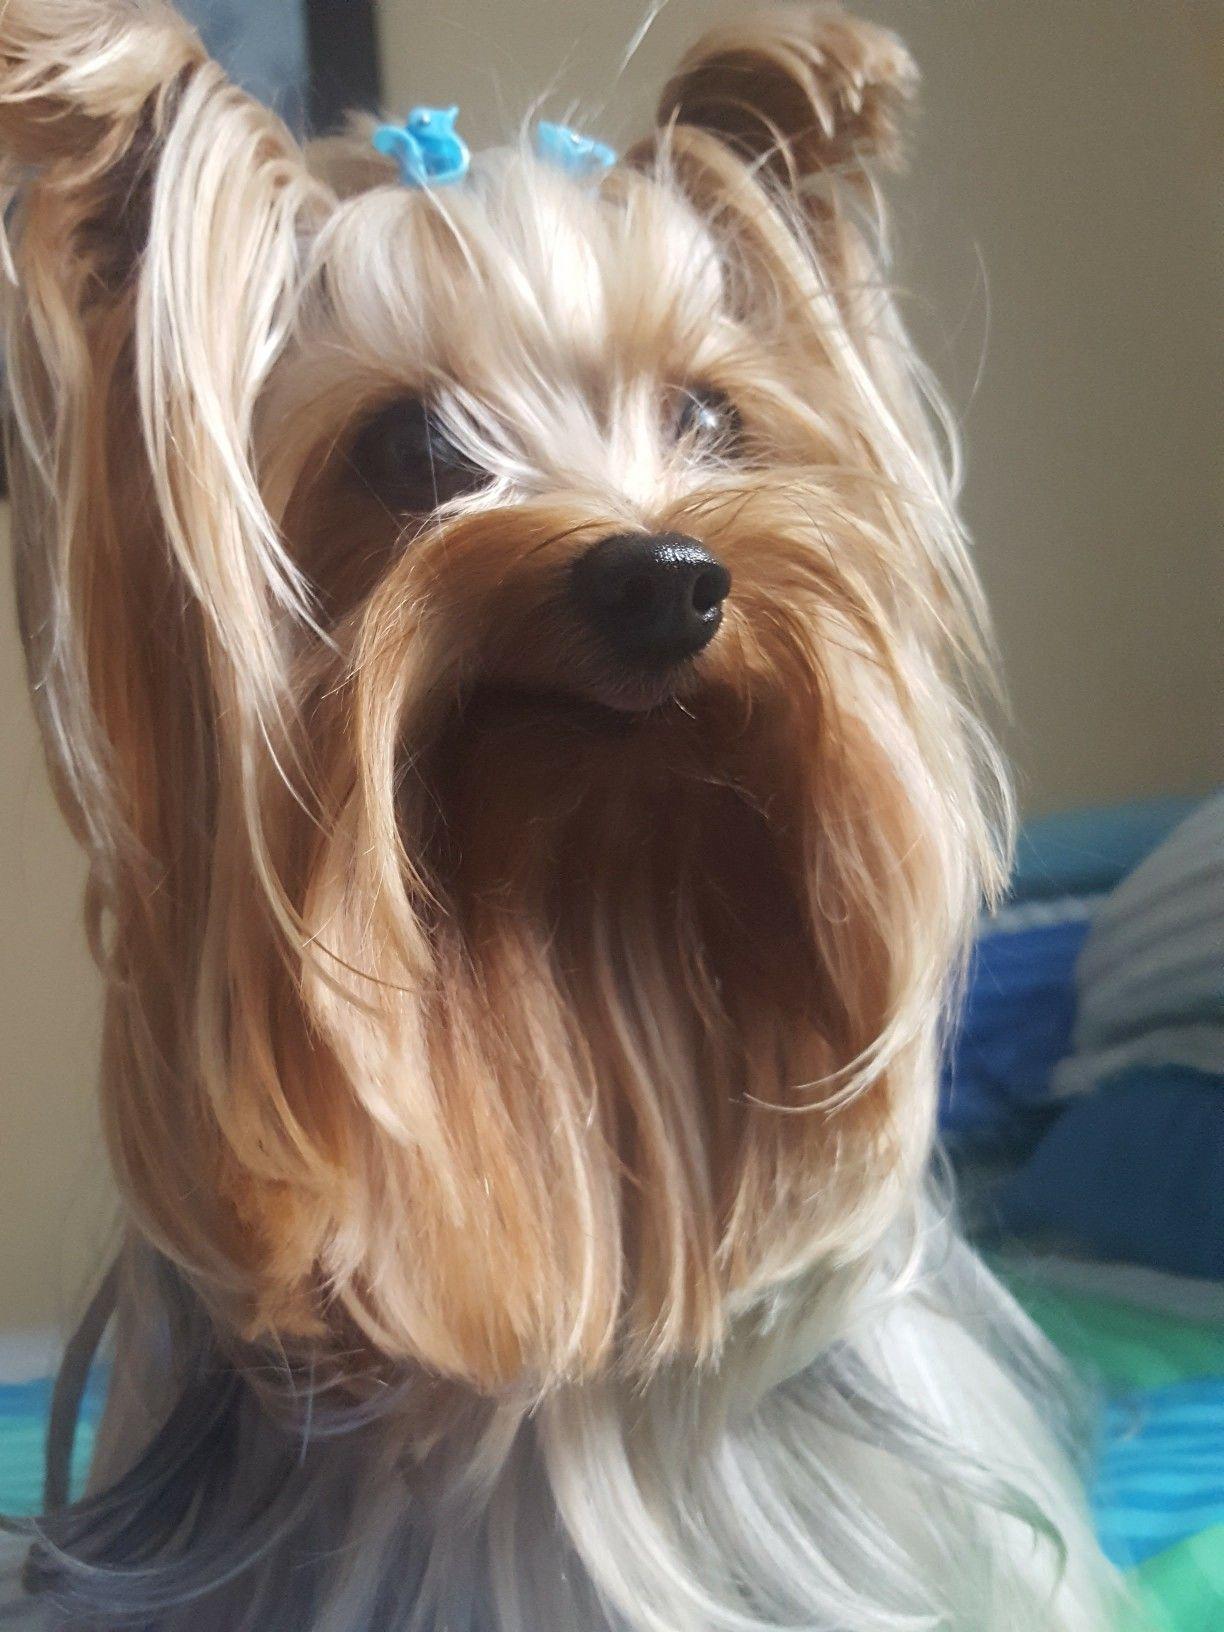 En Homenaje A Mi Ninobellodeguadalupe Yorkshire Terrier Puppies Yorkshire Terrier Yorkie Yorkshire Terrier